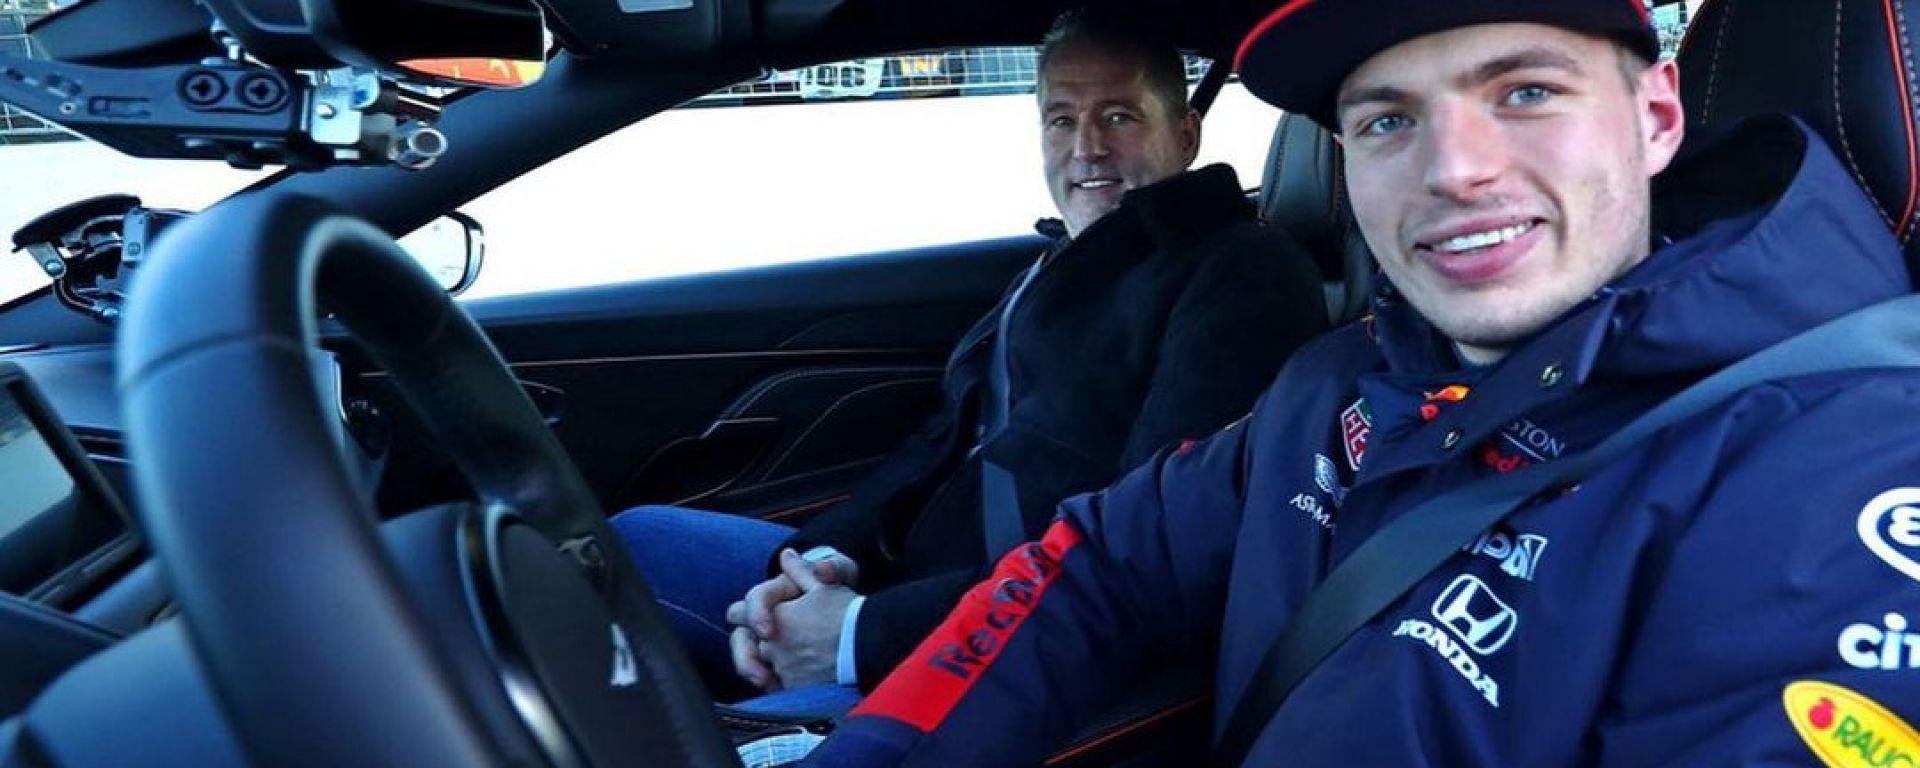 F1: Max Verstappen al volante di un'Aston Martin, accanto il padre Jos